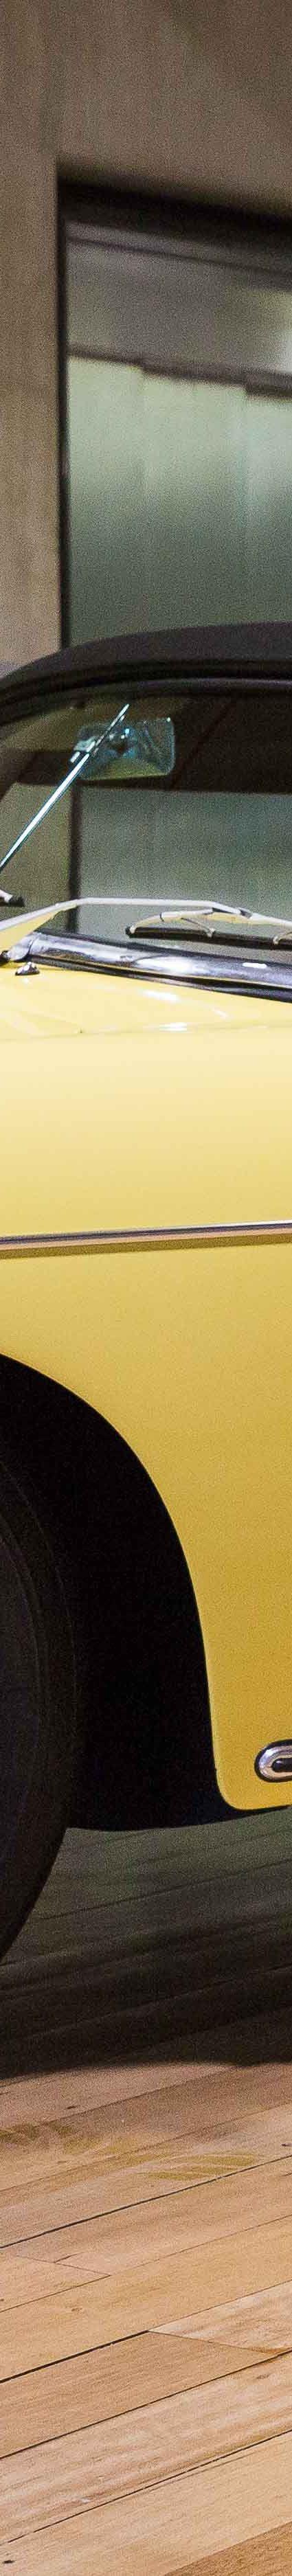 1960 Porsche 356 B- sold in Australia